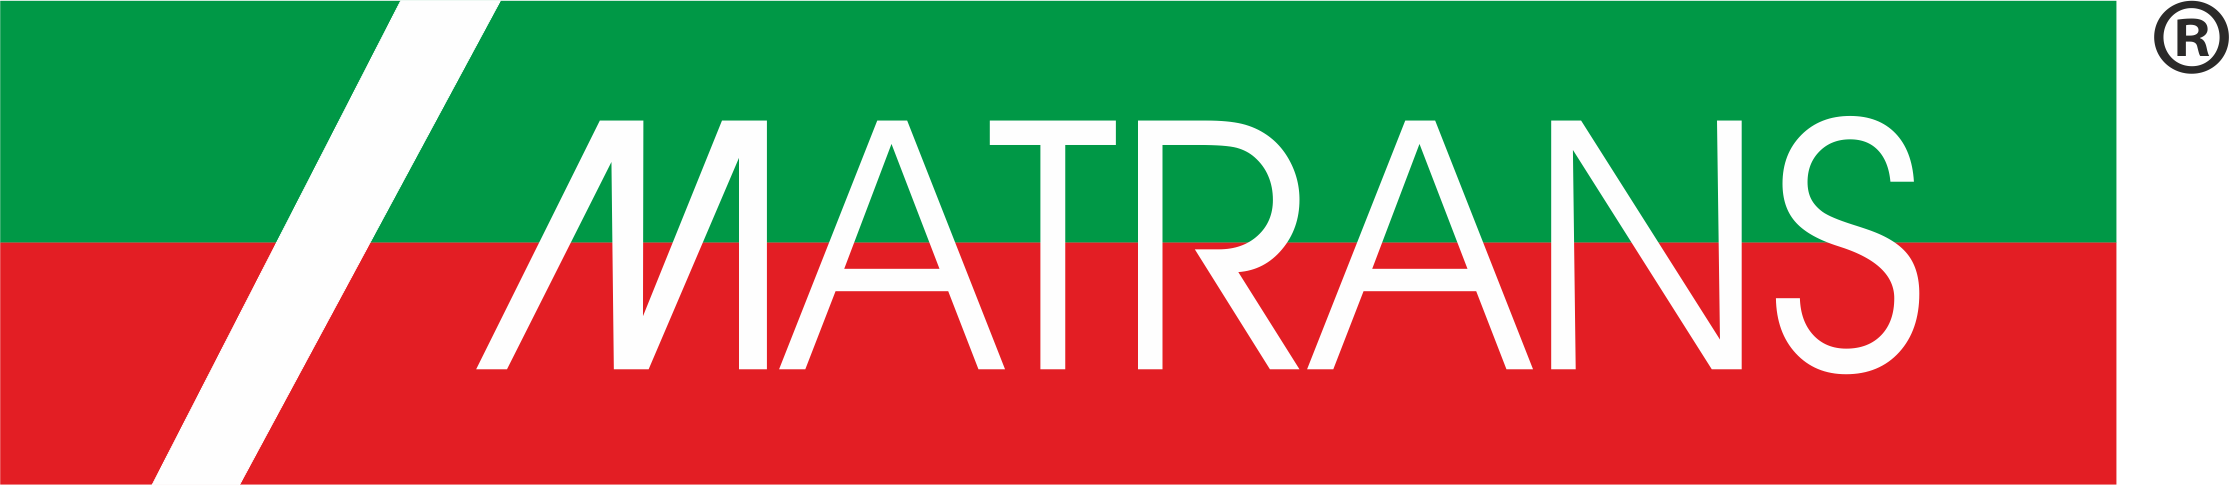 MATRANS S.A.